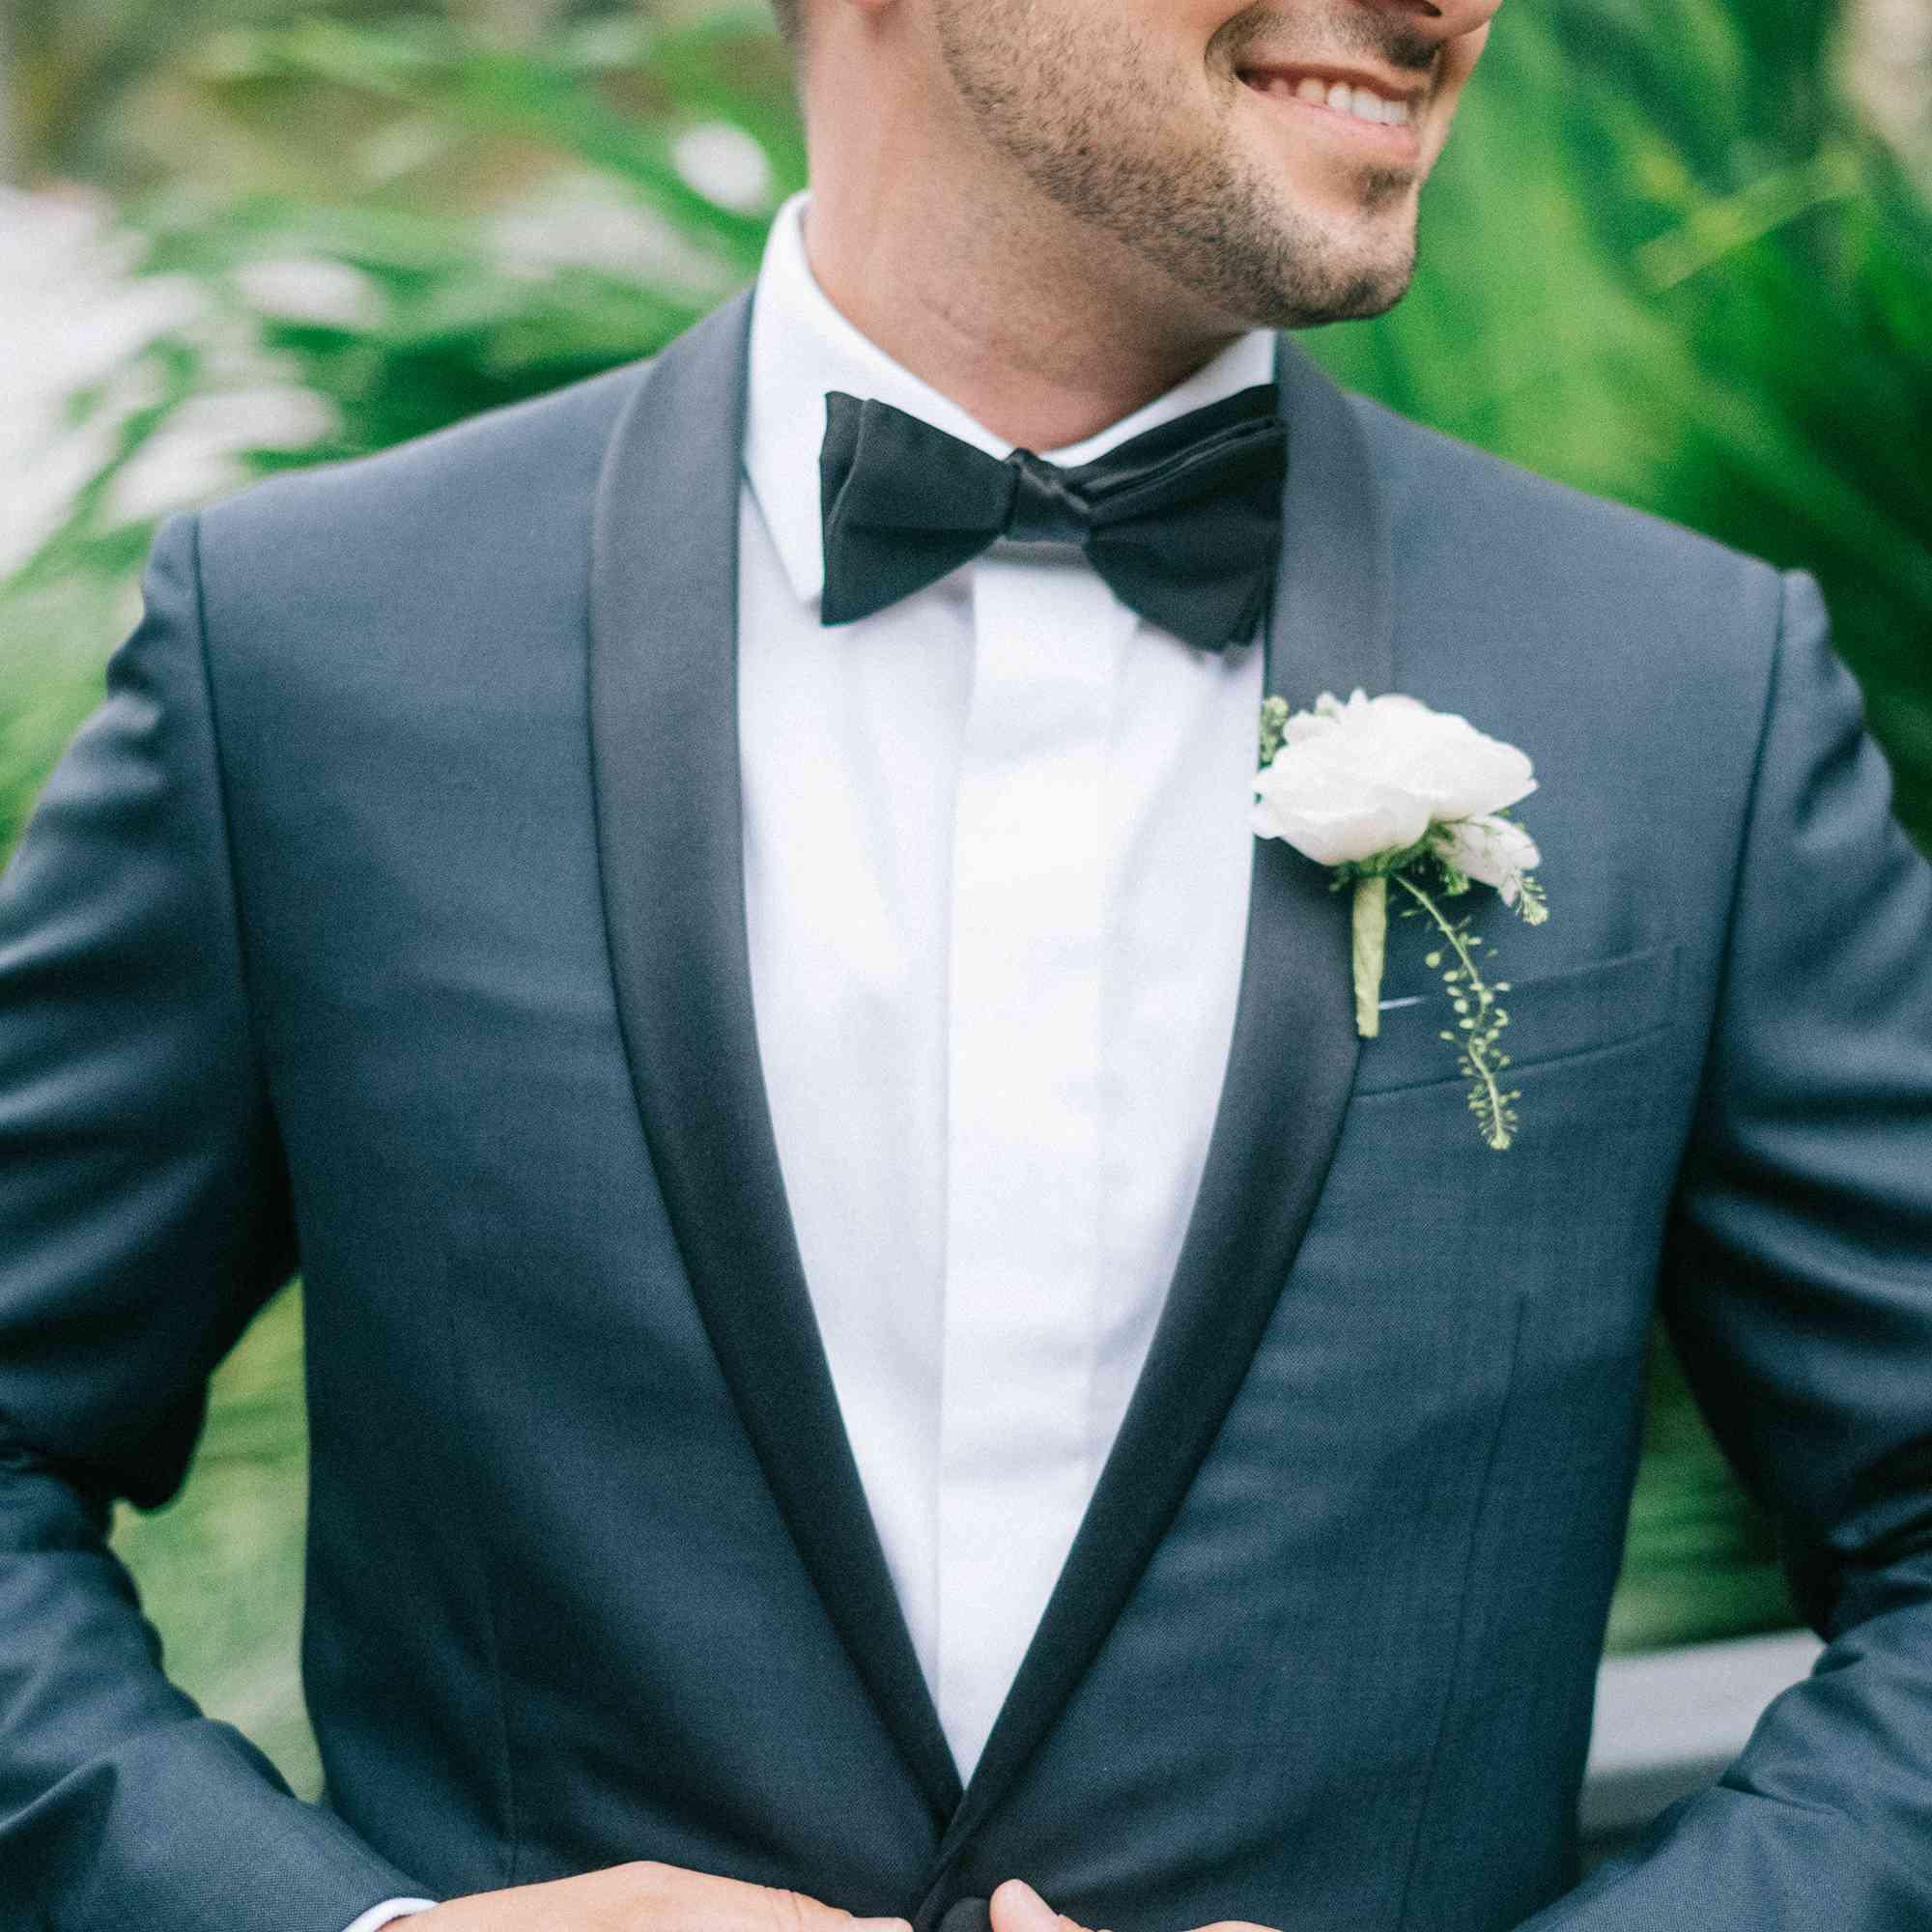 Shot of groom